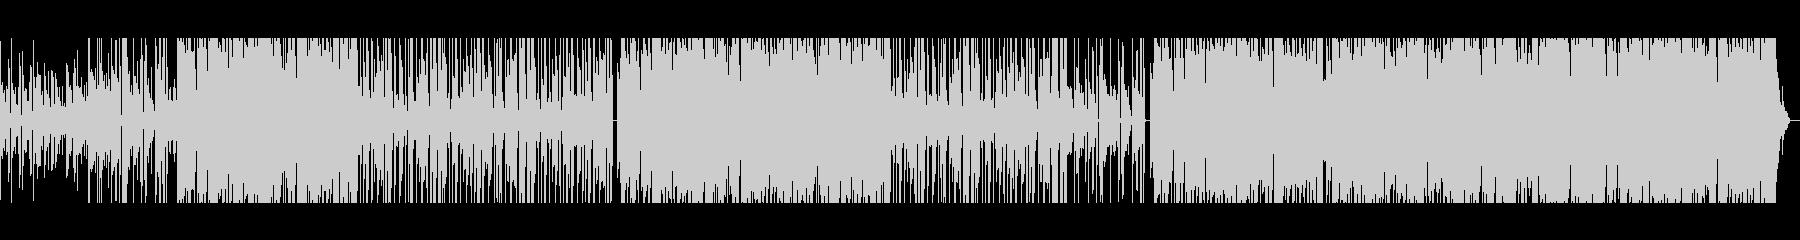 【メロ無】80年代風洋楽バラードインストの未再生の波形